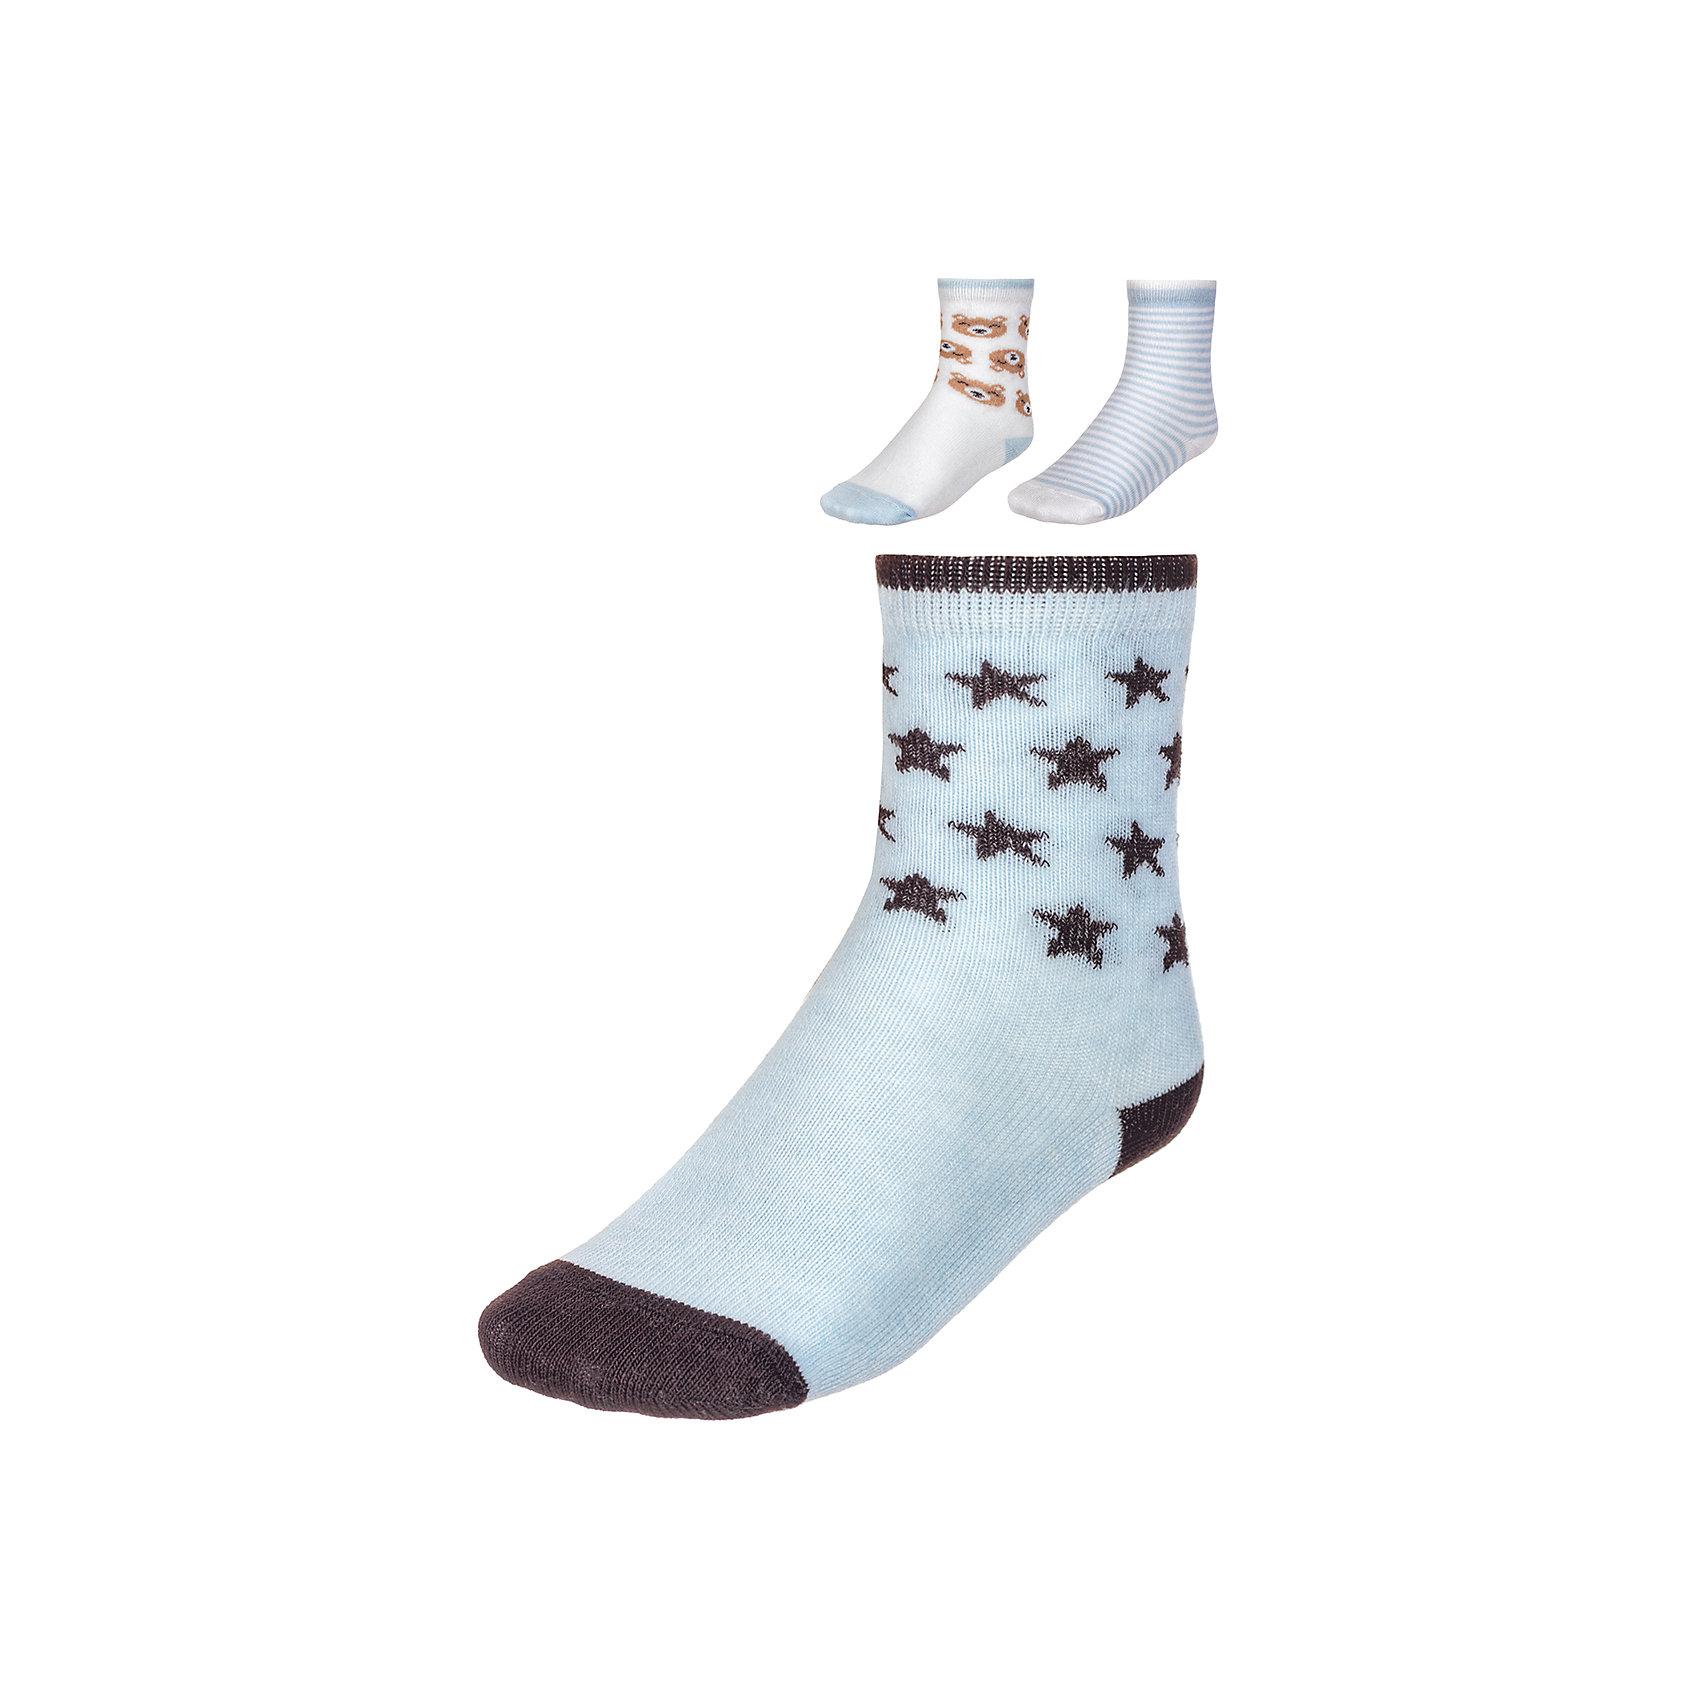 Носки ( 3 пары) BaykarНоски<br>Характеристики товара:<br><br>• цвет: синий<br>• состав ткани: 75% хлопок; 22% полиамид; 3% эластан<br>• комплектация: 3 пары<br>• сезон: круглый год<br>• страна бренда: Турция<br>• страна изготовитель: Турция<br><br>Качественные носки - залог комфорта ребенка. Этот набор носков от турецкого бренда Baykar позволит обеспечить ногам ребенка удобство.<br><br>Хлопковые носки дают коже дышать, хорошо впитывают влагу. Мягкая резинка не давит на ногу.<br><br>Носки (3 пары) Baykar (Байкар) можно купить в нашем интернет-магазине.<br><br>Ширина мм: 87<br>Глубина мм: 10<br>Высота мм: 105<br>Вес г: 115<br>Цвет: синий<br>Возраст от месяцев: 12<br>Возраст до месяцев: 18<br>Пол: Унисекс<br>Возраст: Детский<br>Размер: 10-14,15/16,10-12<br>SKU: 6863882